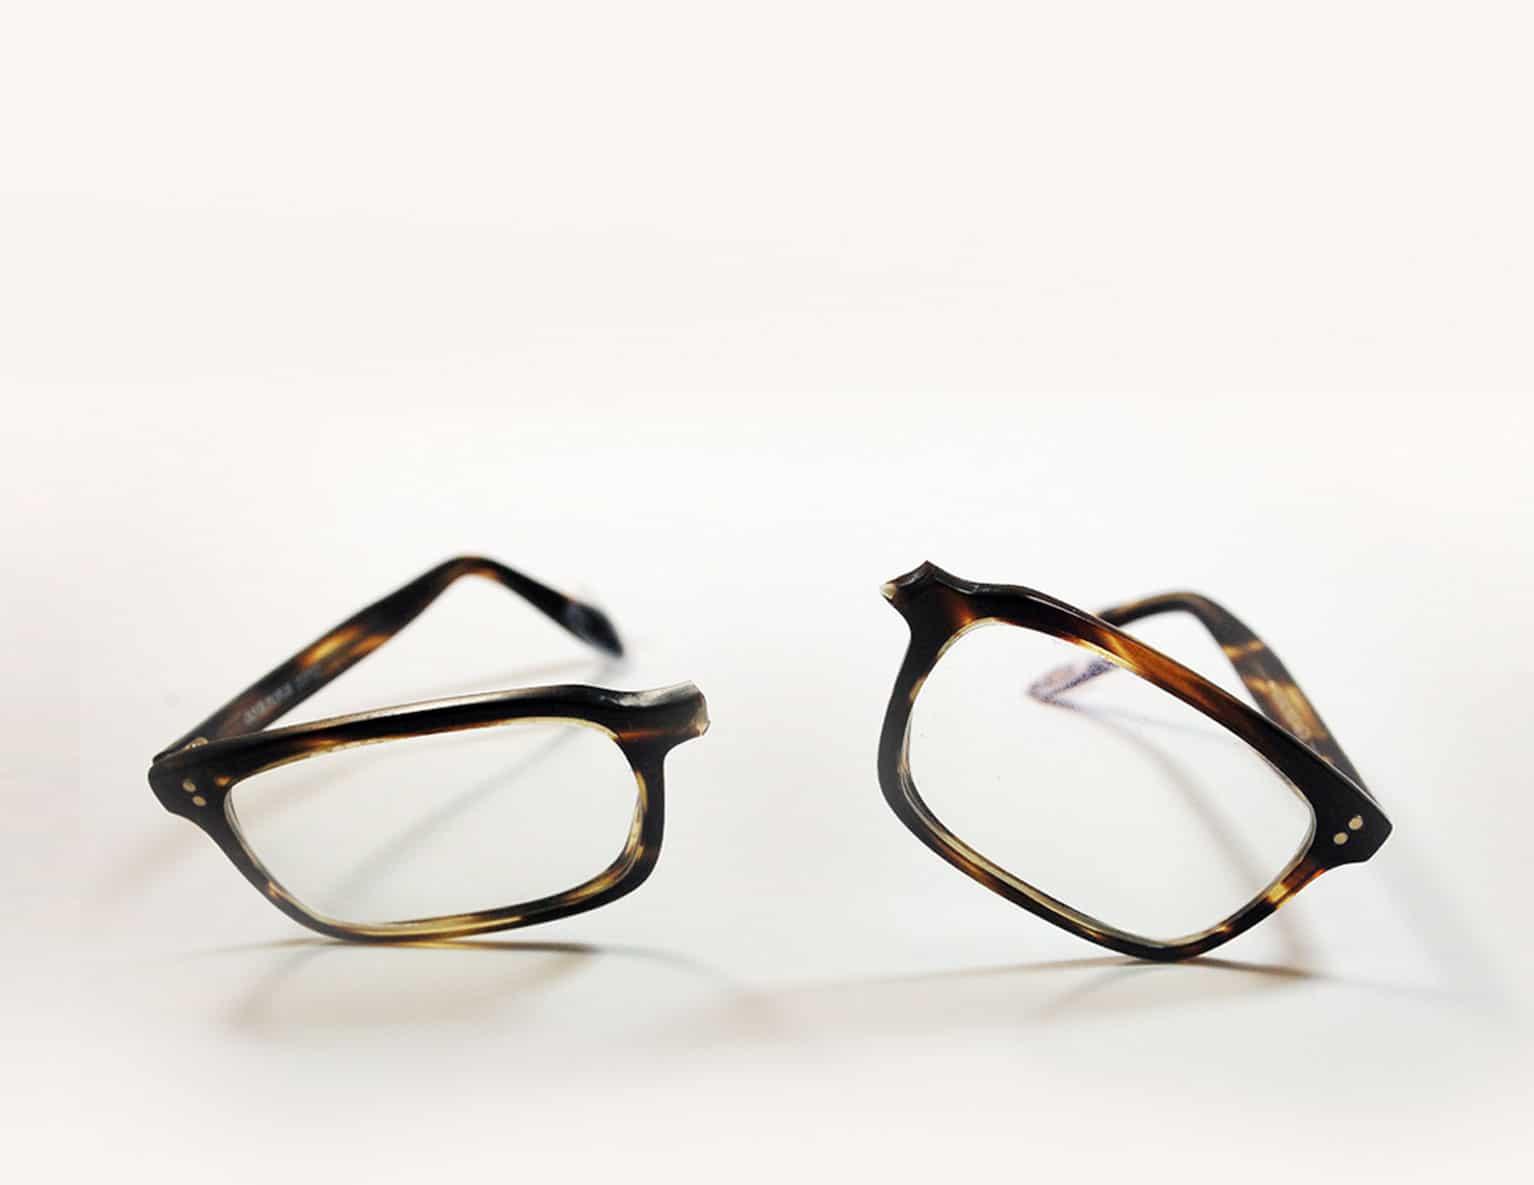 Repair Broken Eyeglasses Nose Bridge